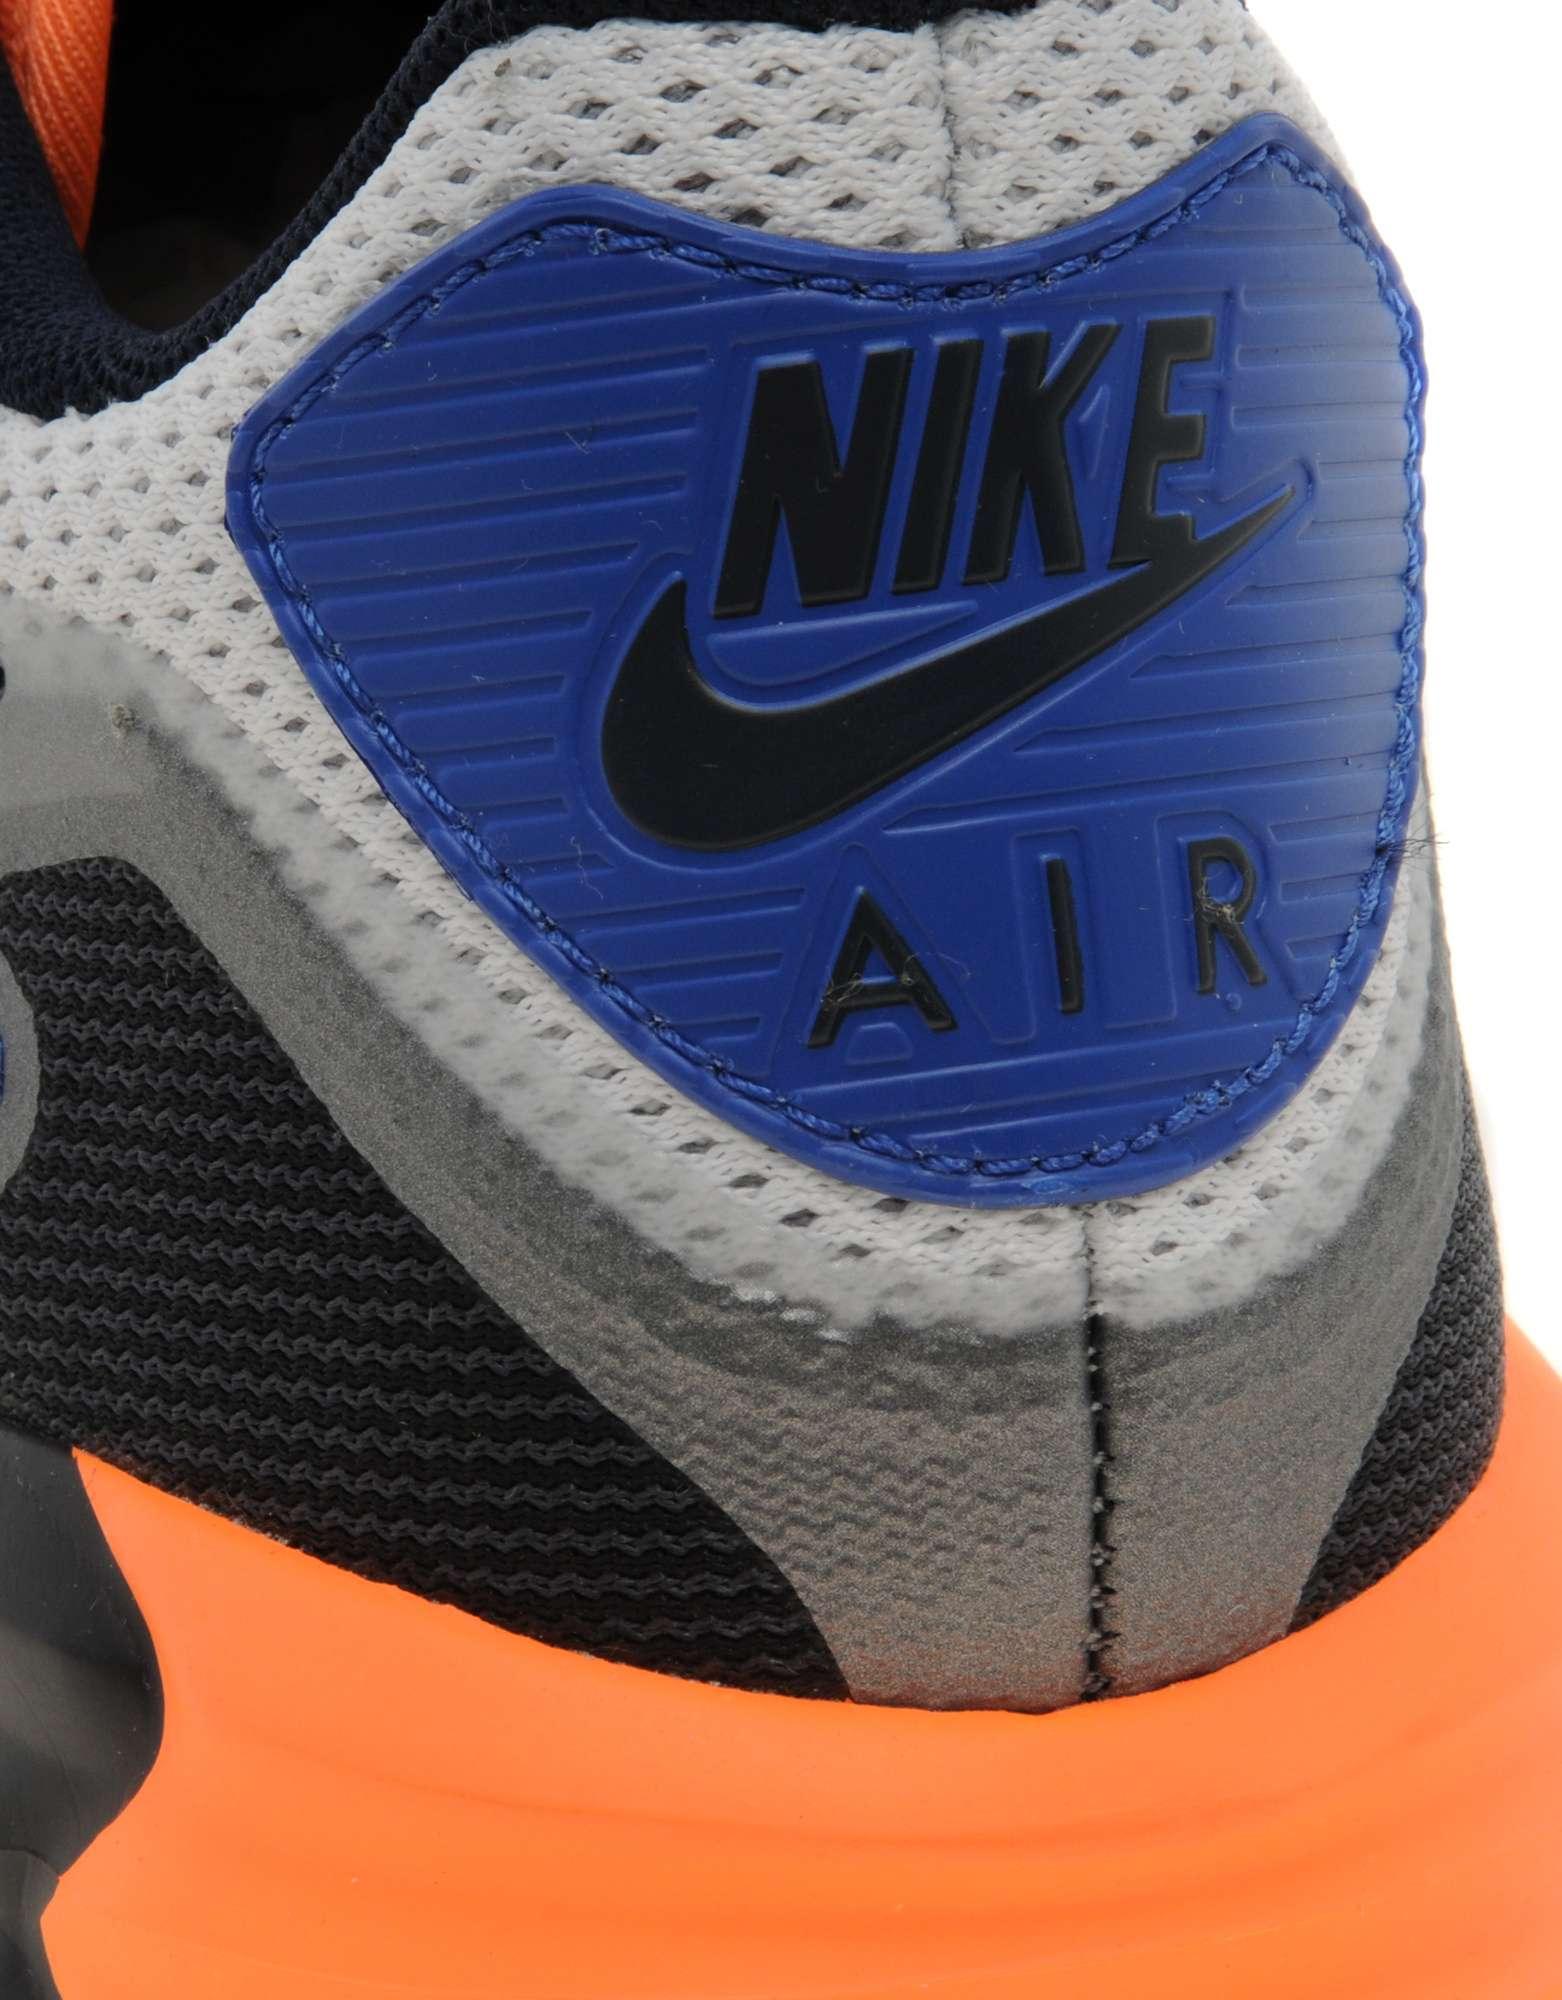 Nike Air Max 90 Lunar Comfort 3.0